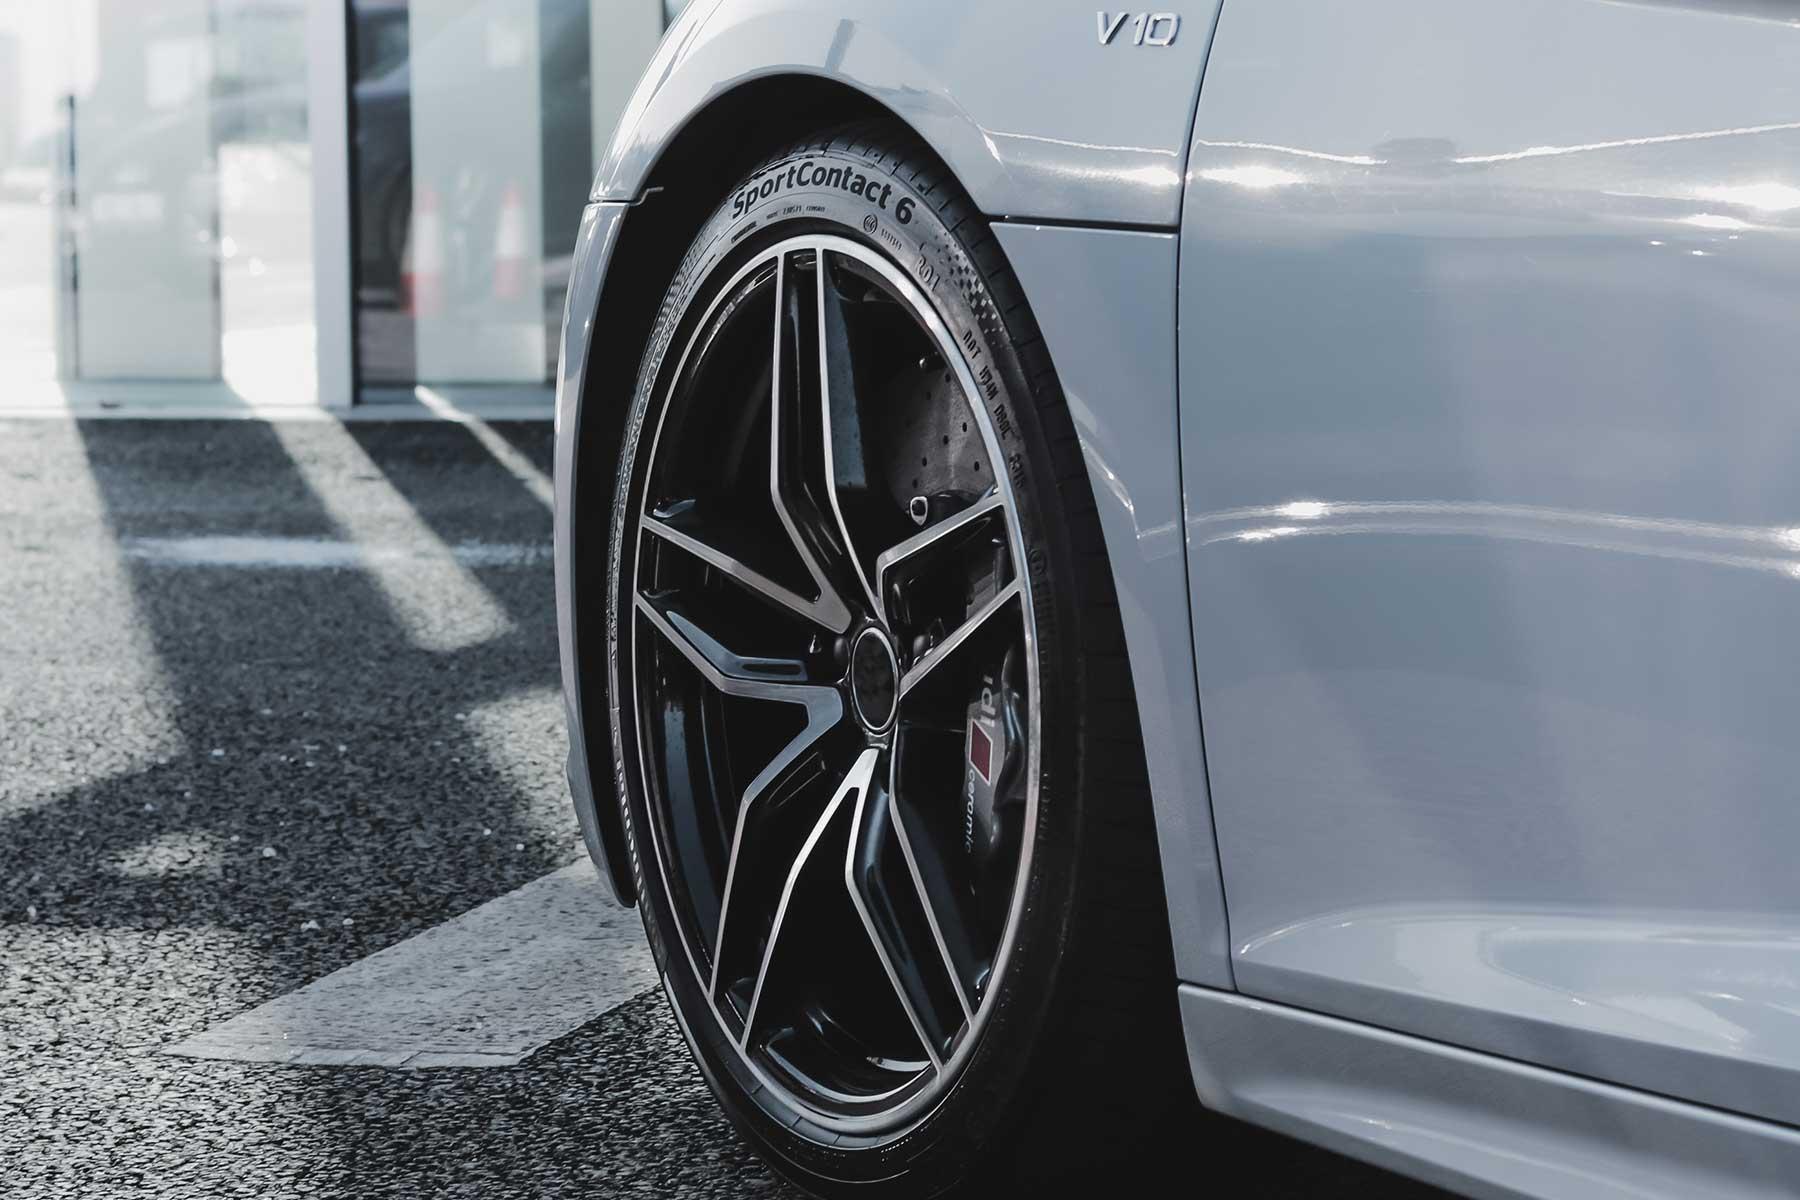 Ελαστικά αυτοκινήτων – Ο απόλυτος οδηγός – Όλα όσα πρέπει να γνωρίζετε